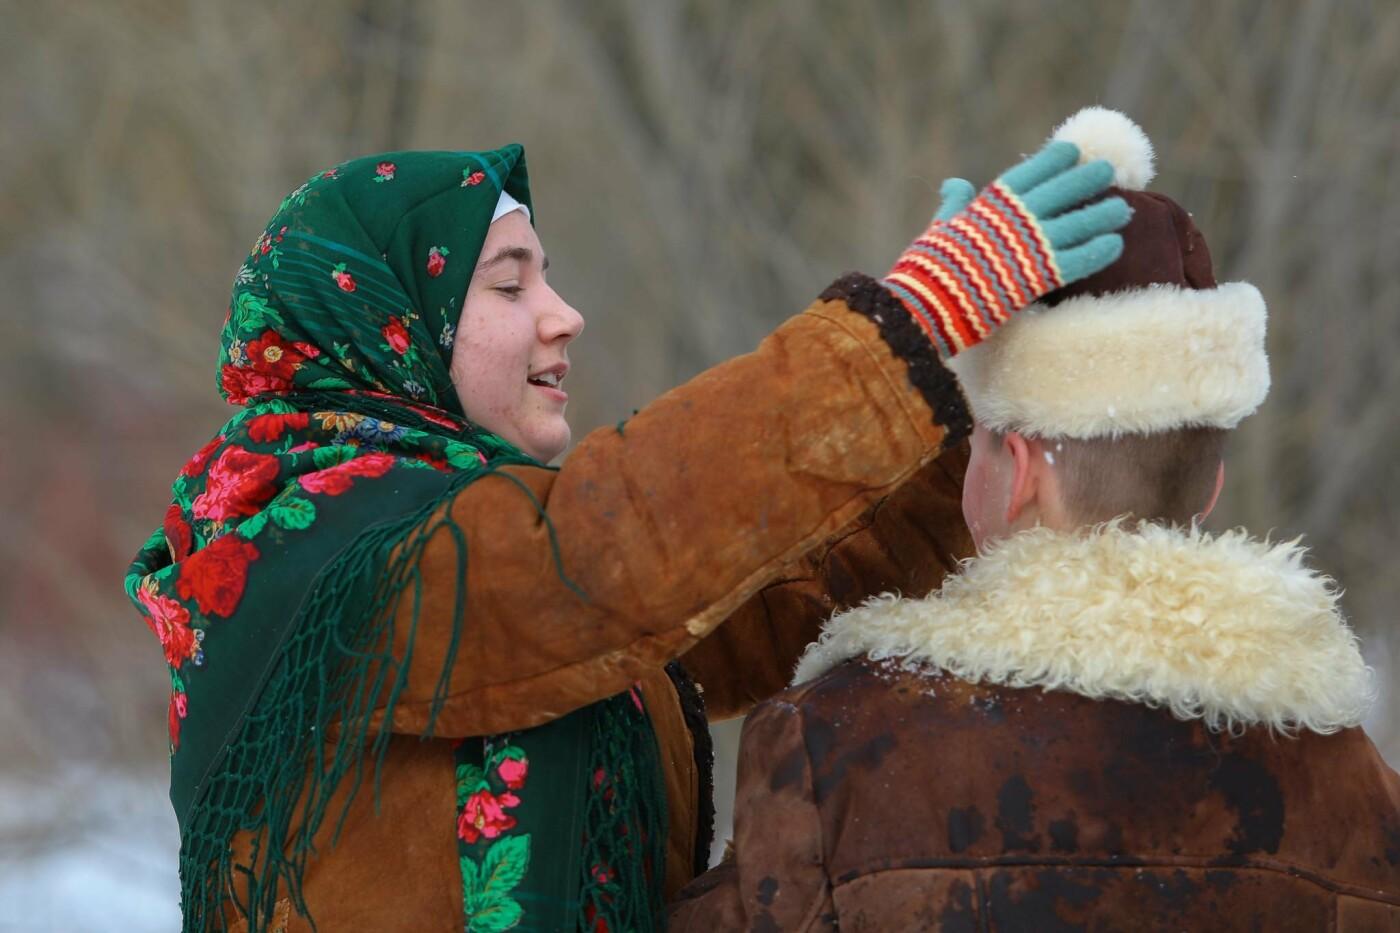 Под Прохоровкой прошёл фестиваль «Маланья зимняя» (фото), фото-7